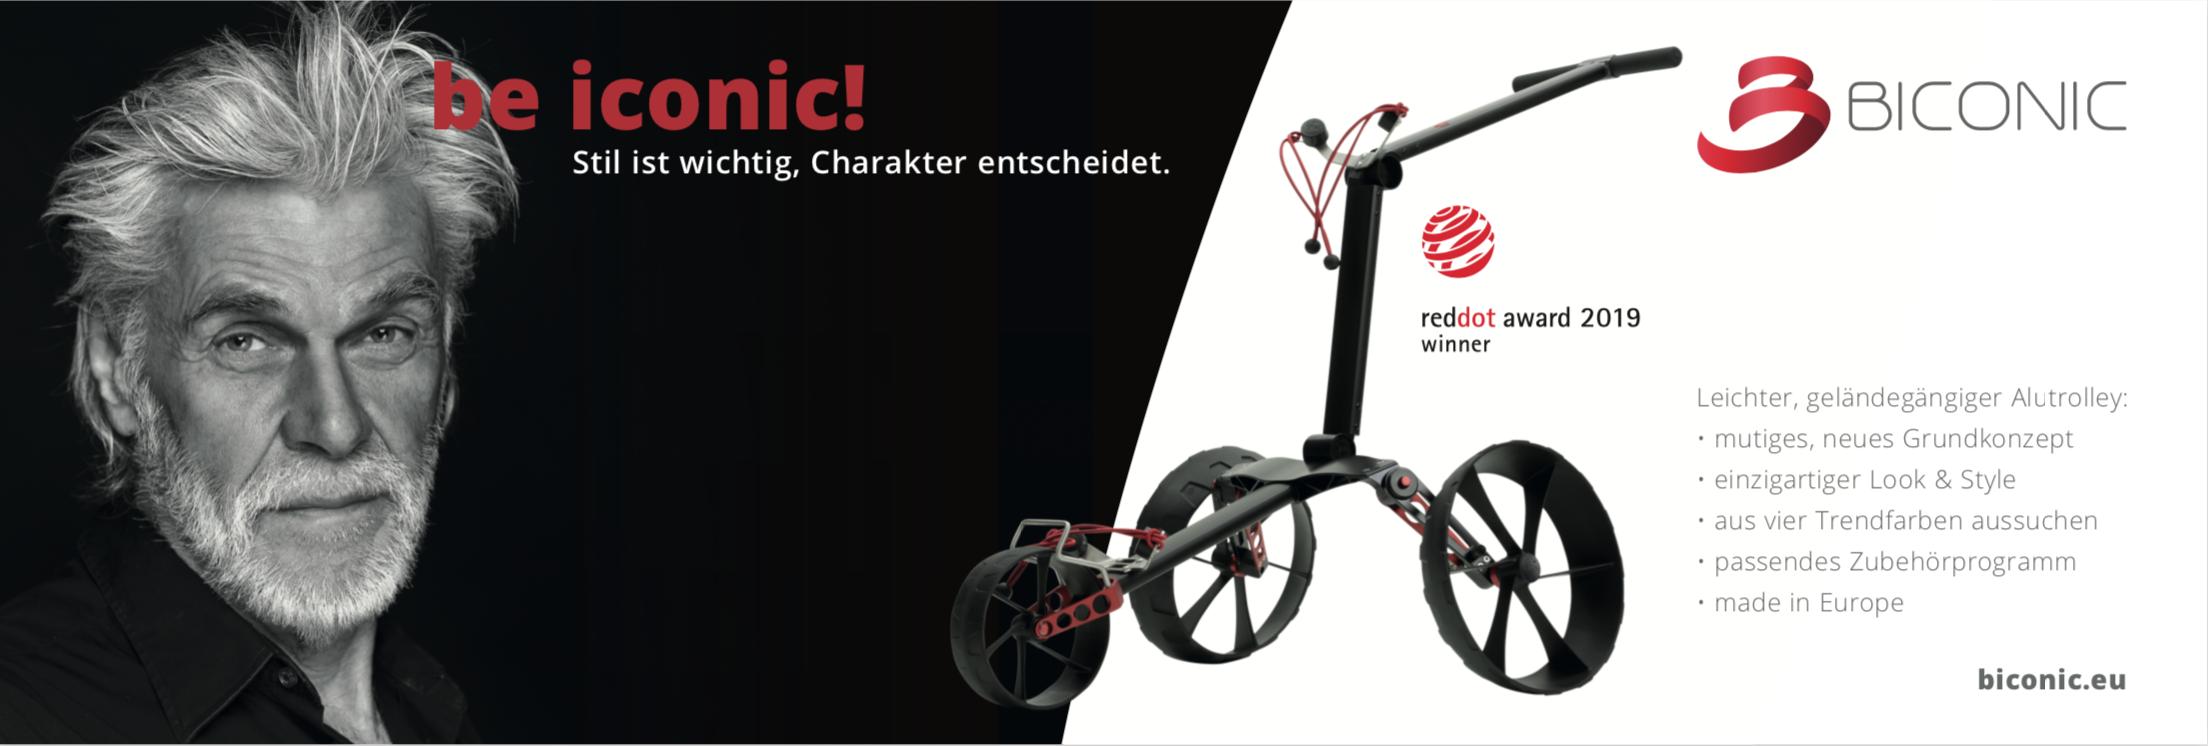 Image-Kampagne für neue Golftrolley-Marke BICONIC